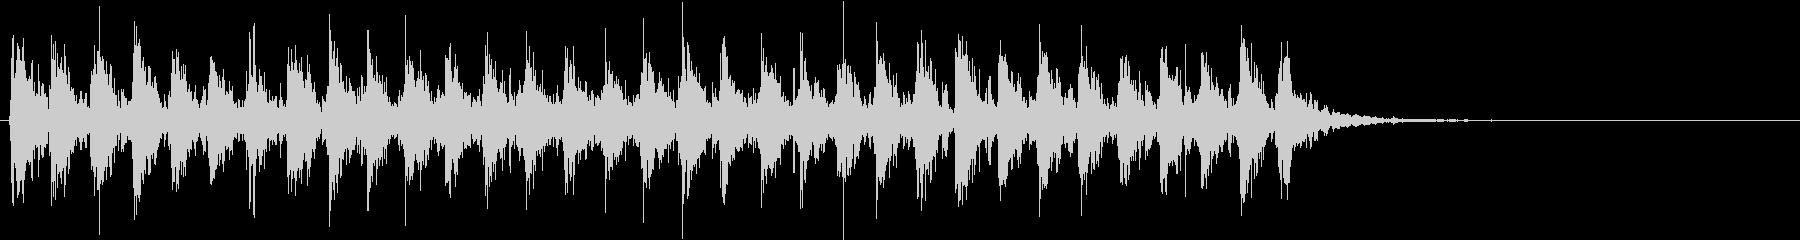 Xmasに最適トナカイベルのループ音04の未再生の波形